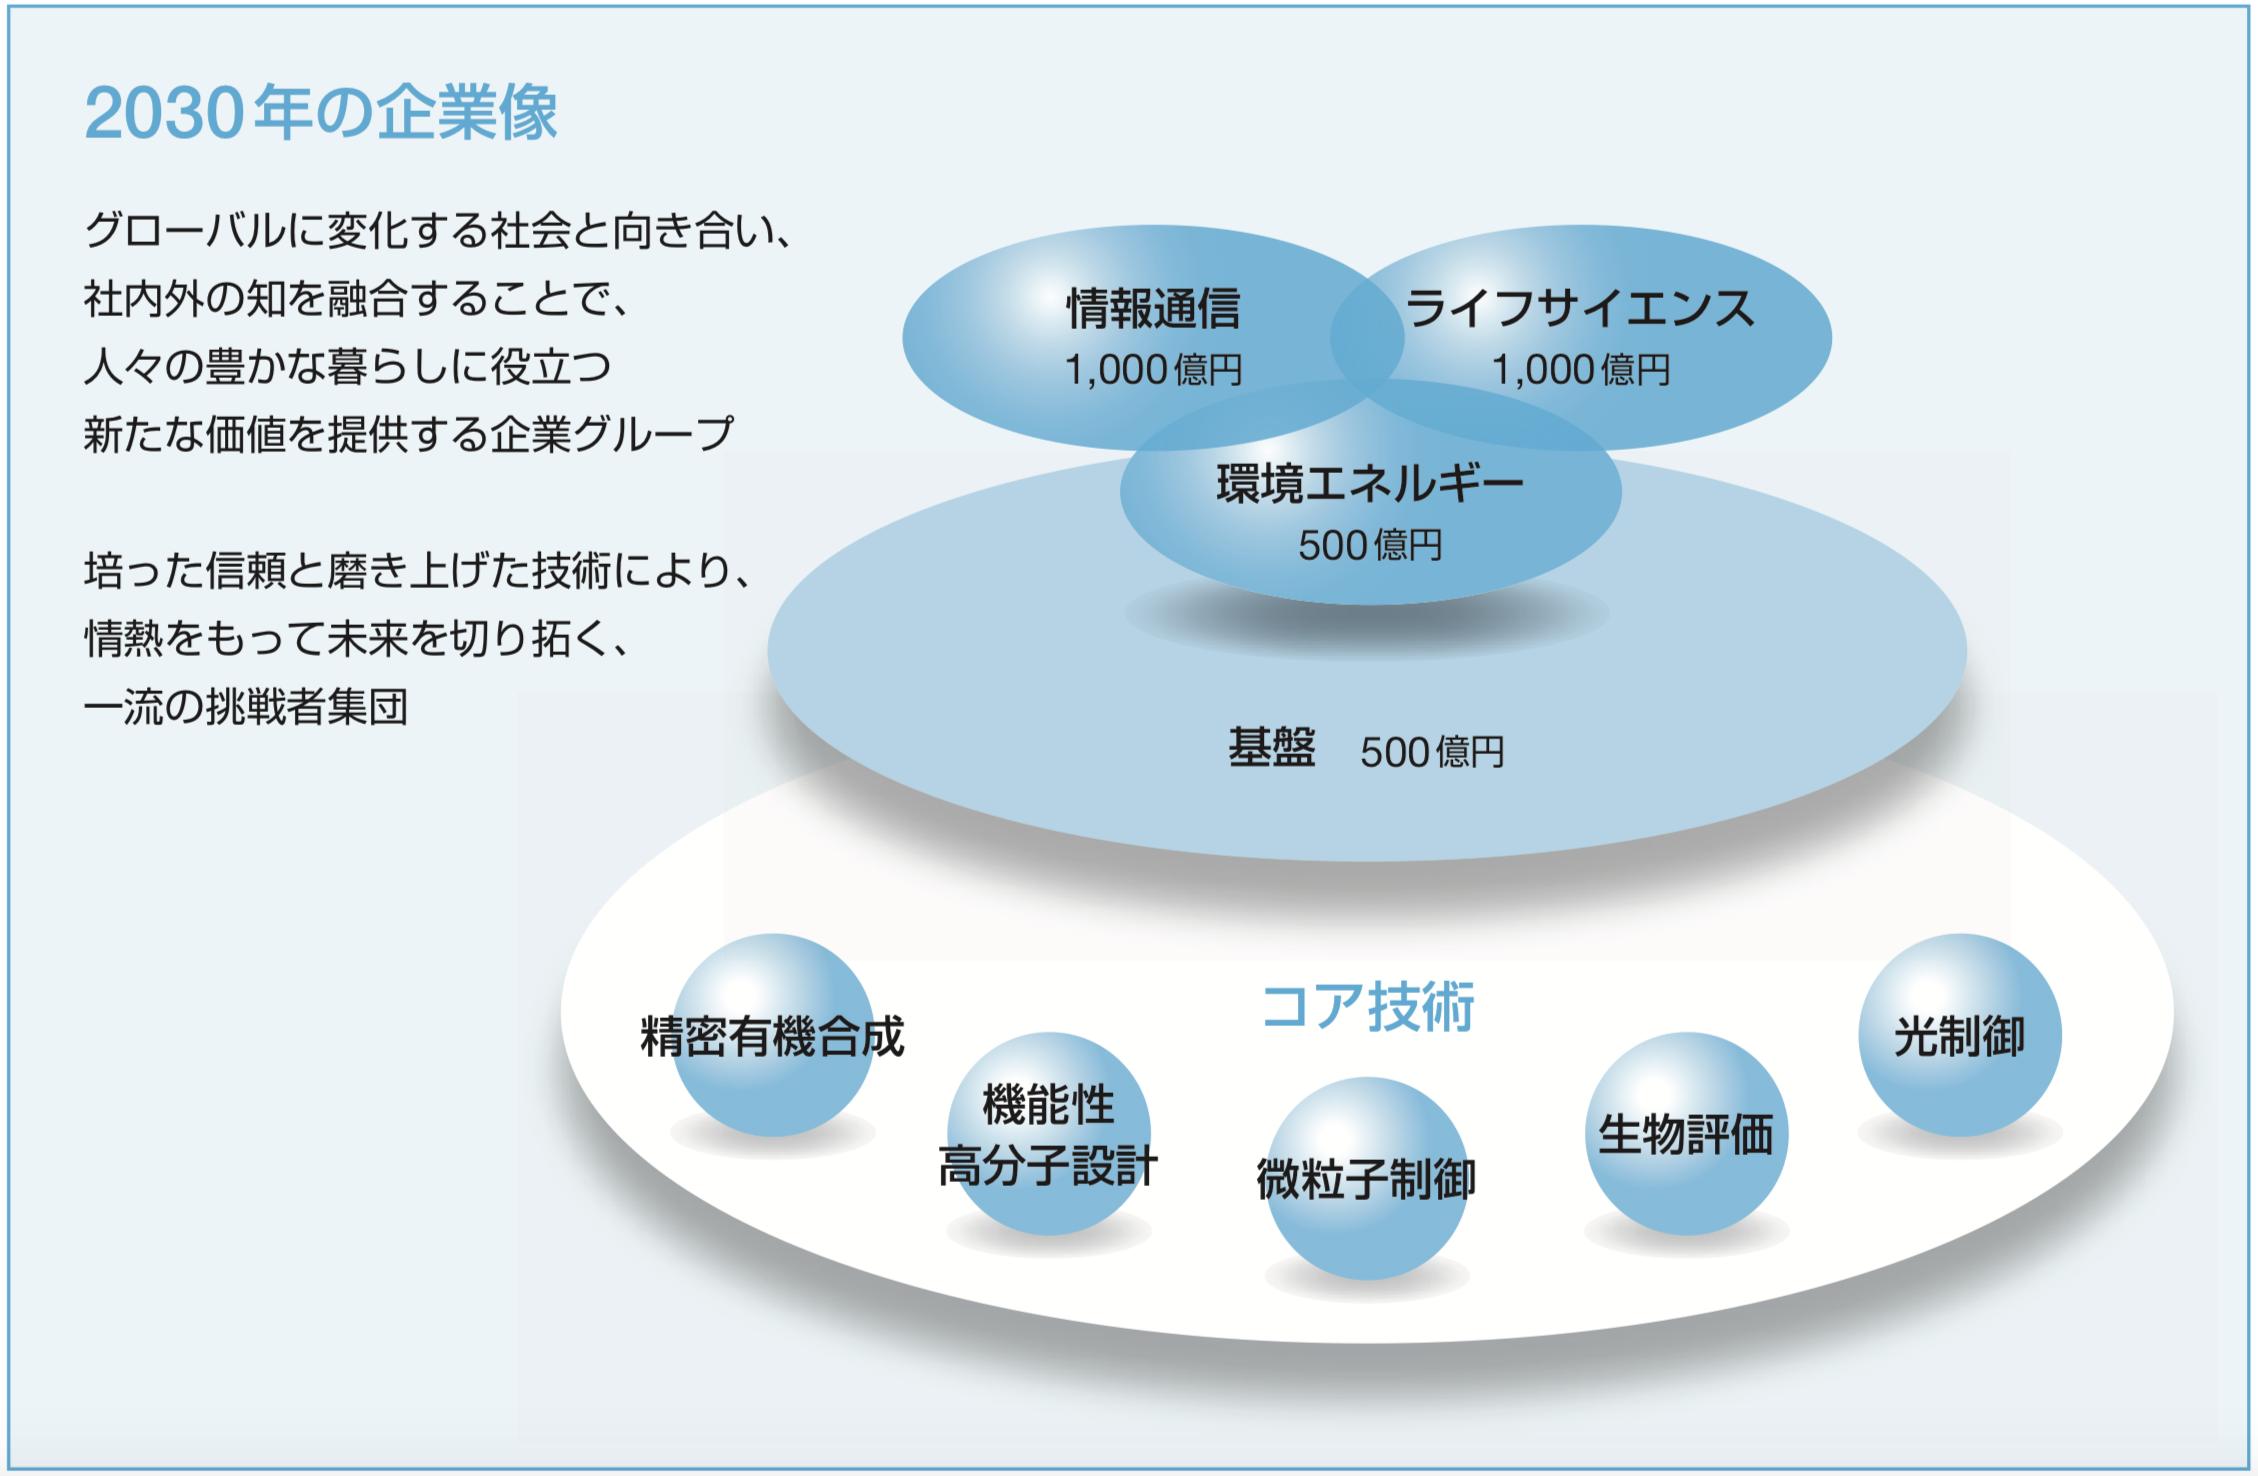 日産化学 2030年の企業像 中期経営計画